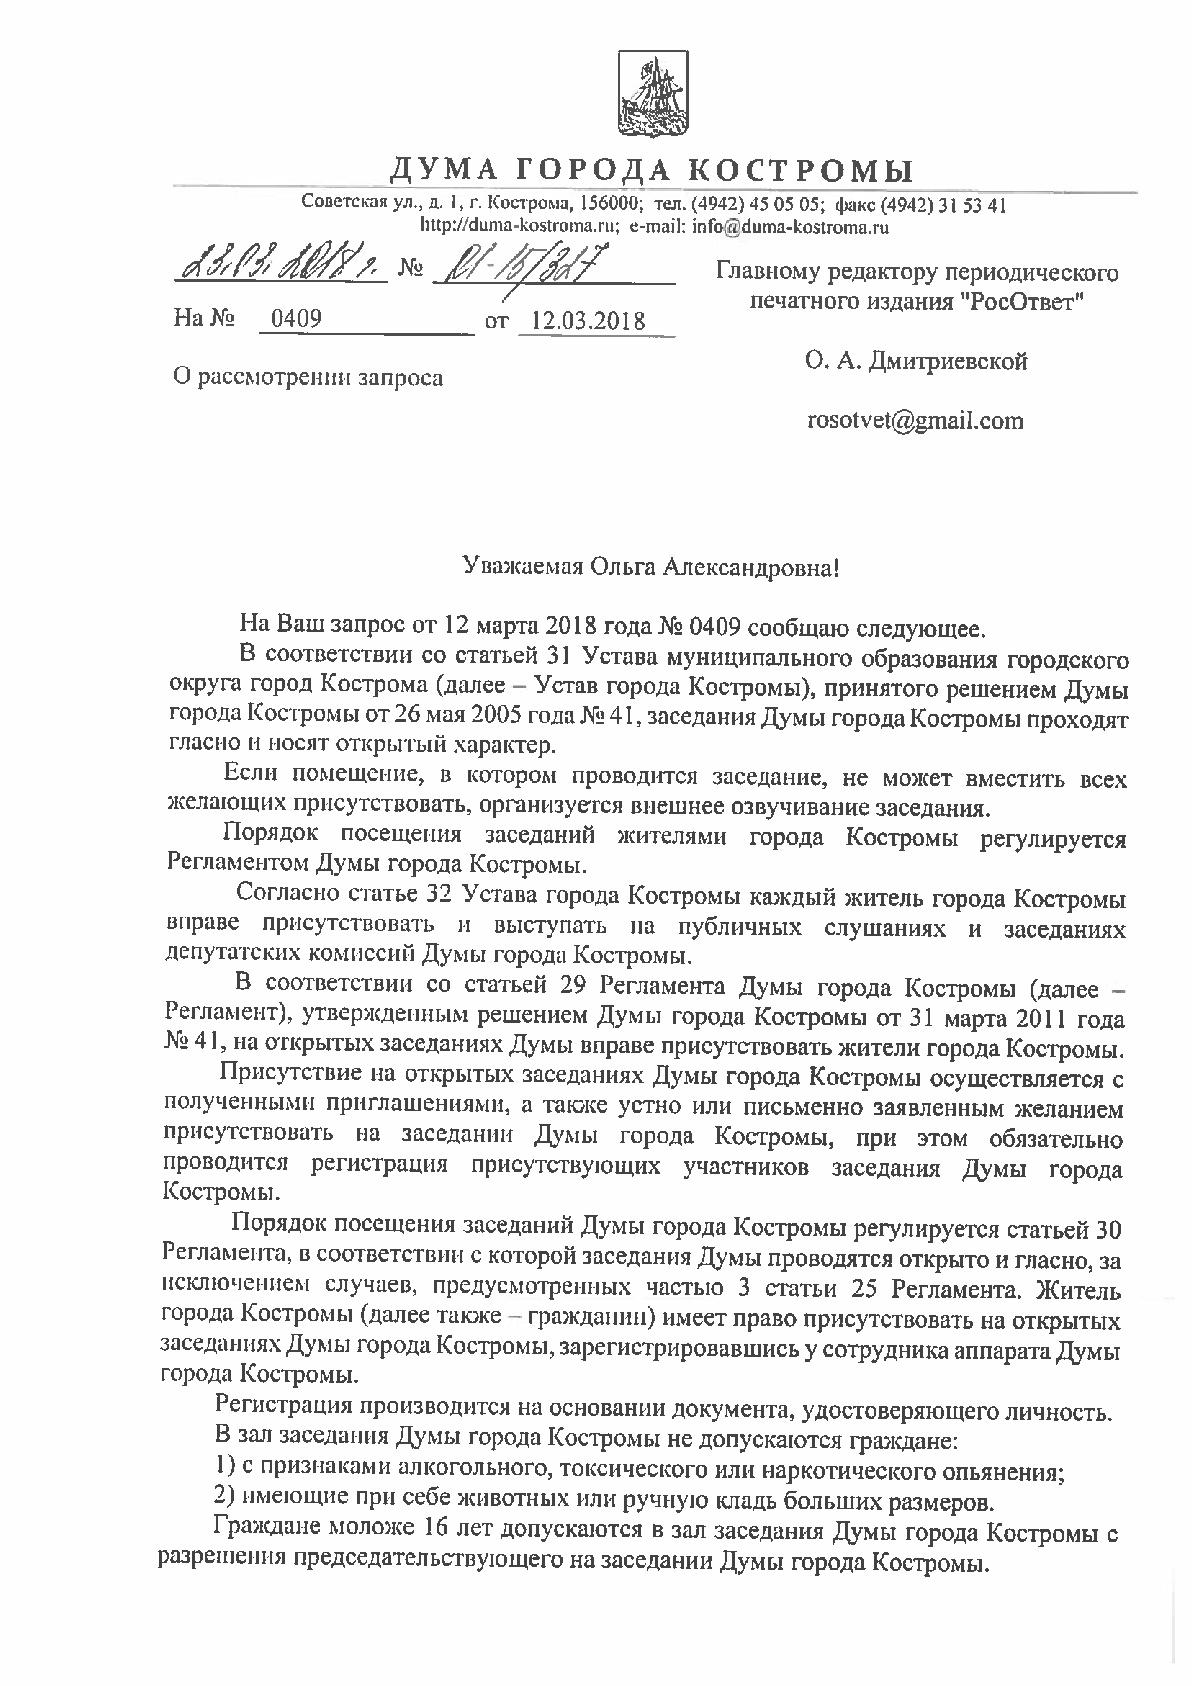 2018 Ответ из Думы города Костромы о присутствии избирателей на заседаниях Стр 1